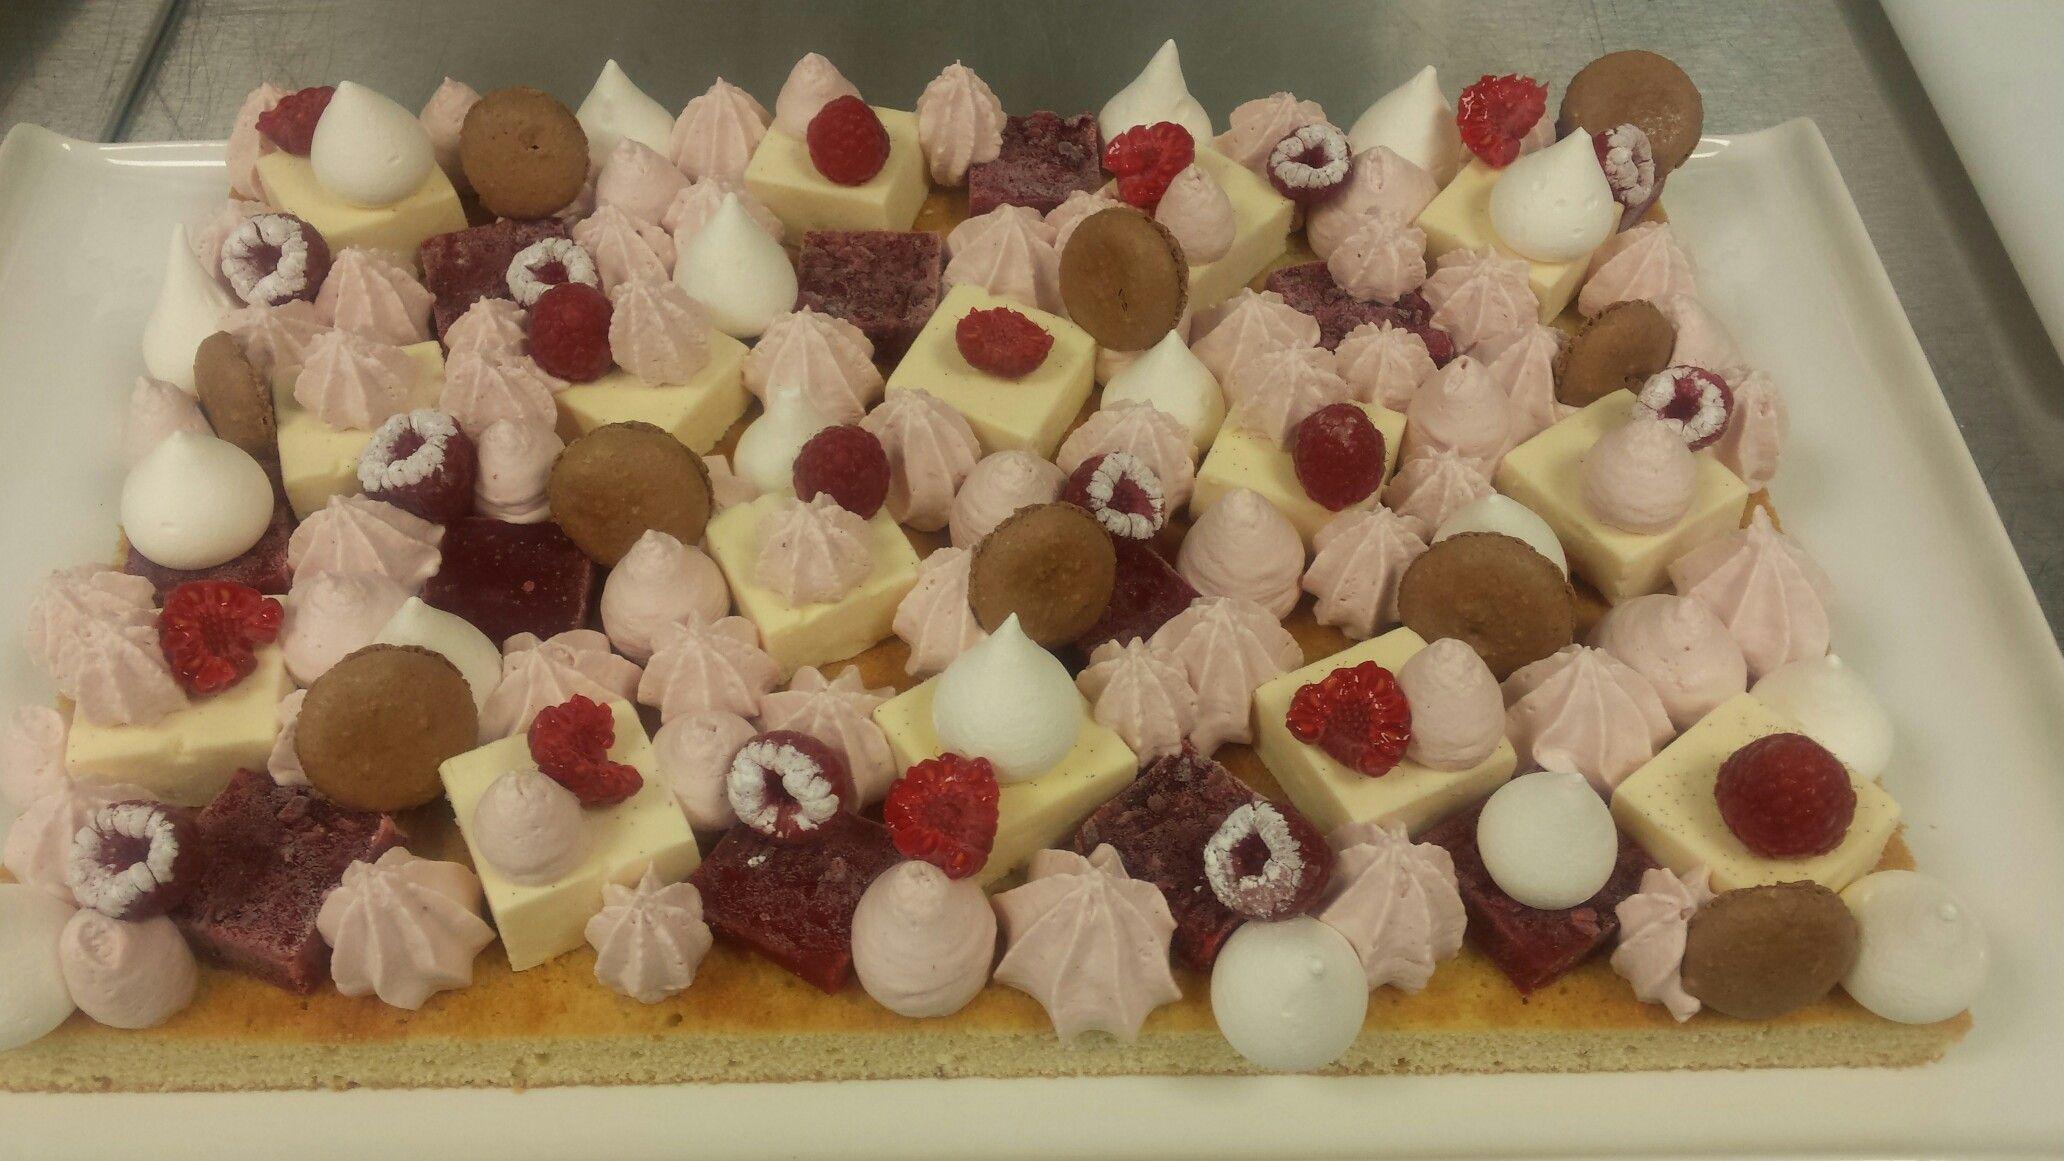 Vanilla sponge and mousse/ raspberry jelly and mousse/ cocoa macaron/ vanilla meringue